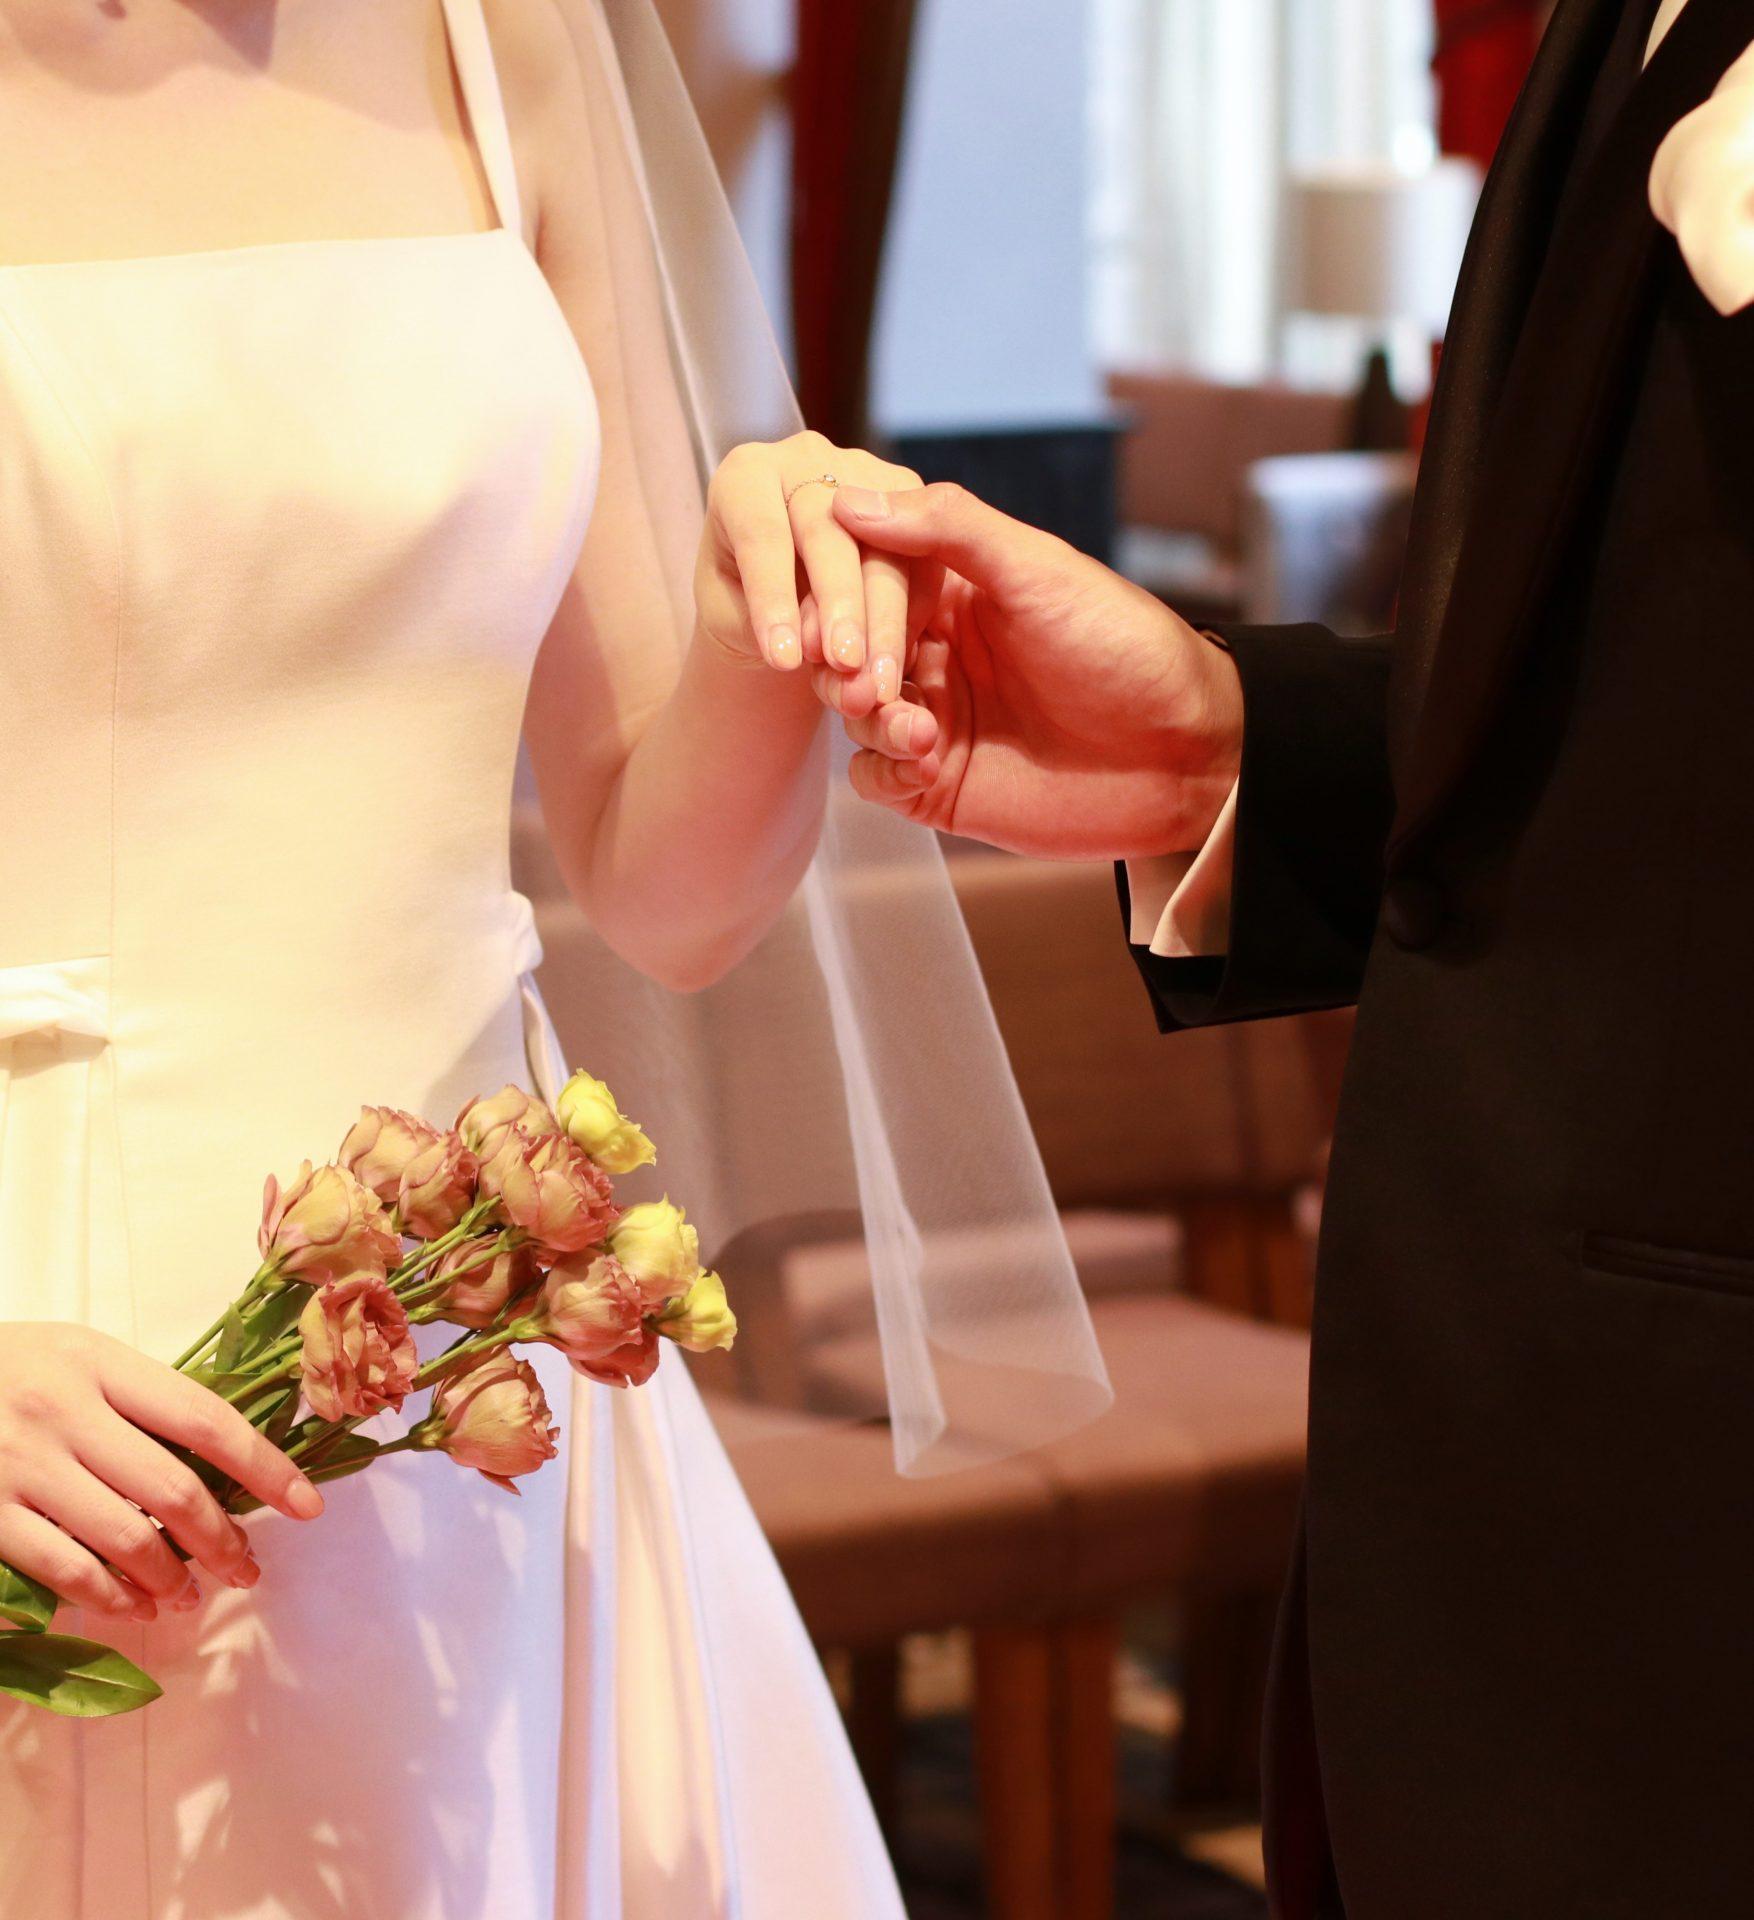 赤絨毯の轢かれた重厚感と温かみを兼ね備える赤坂プリンスクラシックハウスのチャペルでゲストの皆様に囲まれて夫婦の誓いを立てます